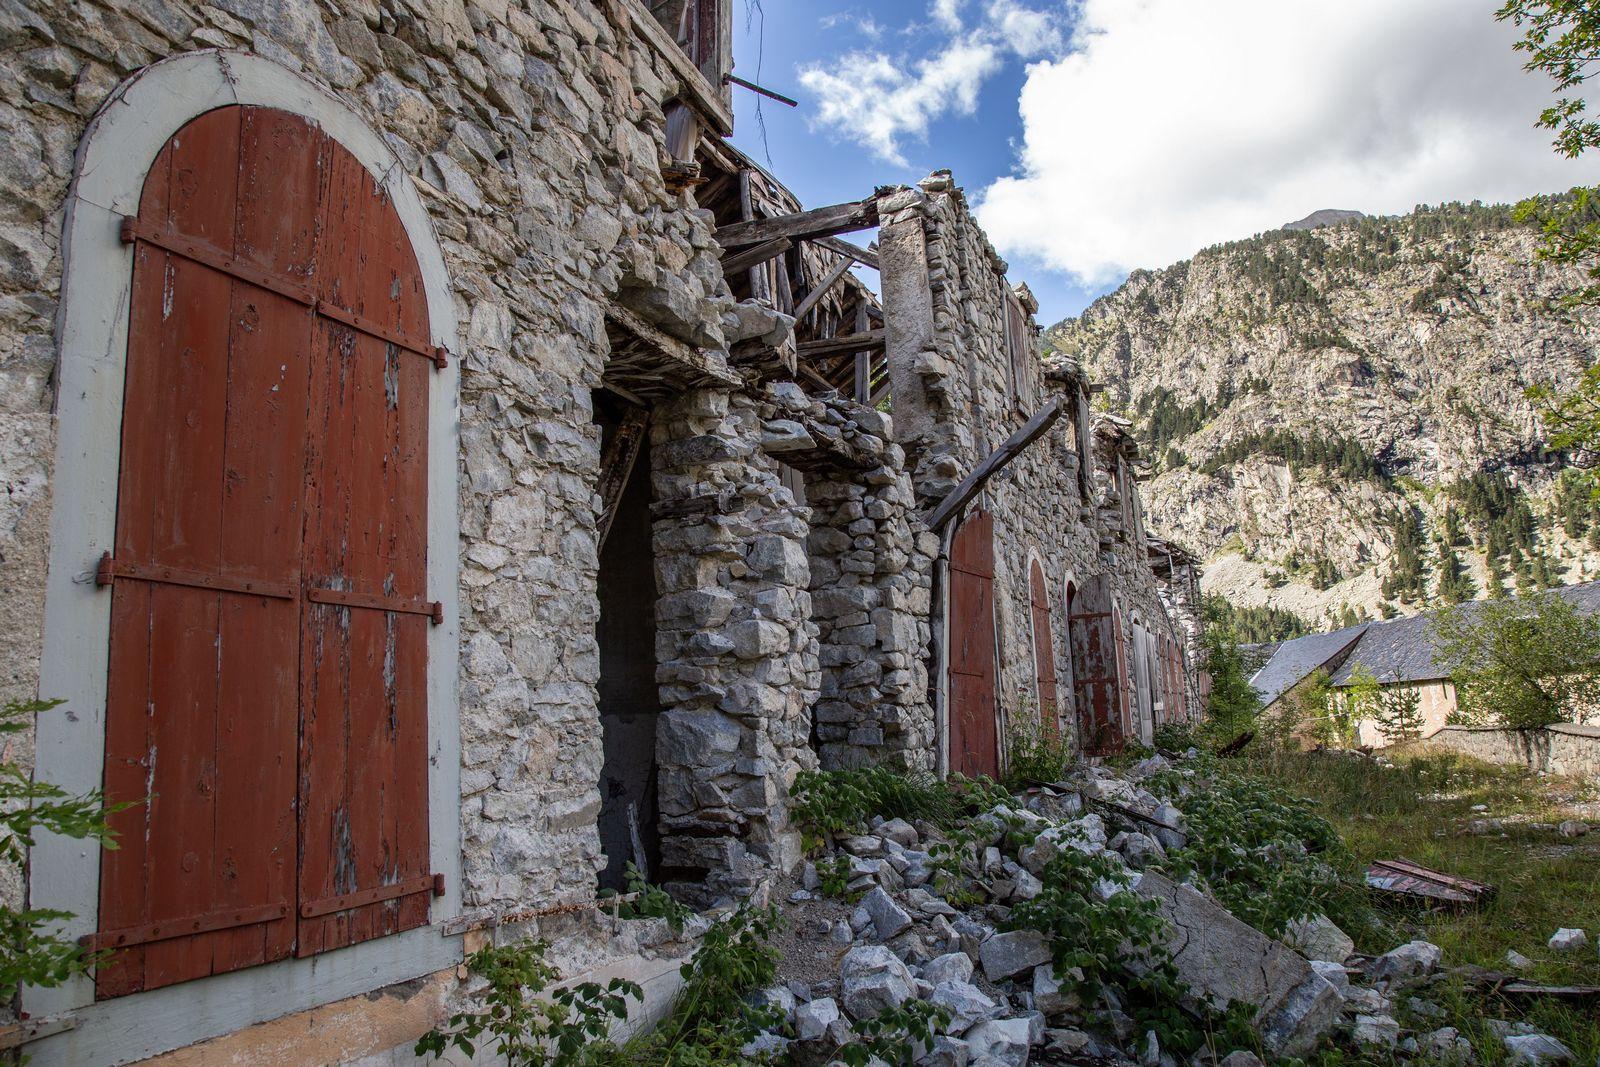 Edificios en ruinas a pocos metros del hotel y el balneario